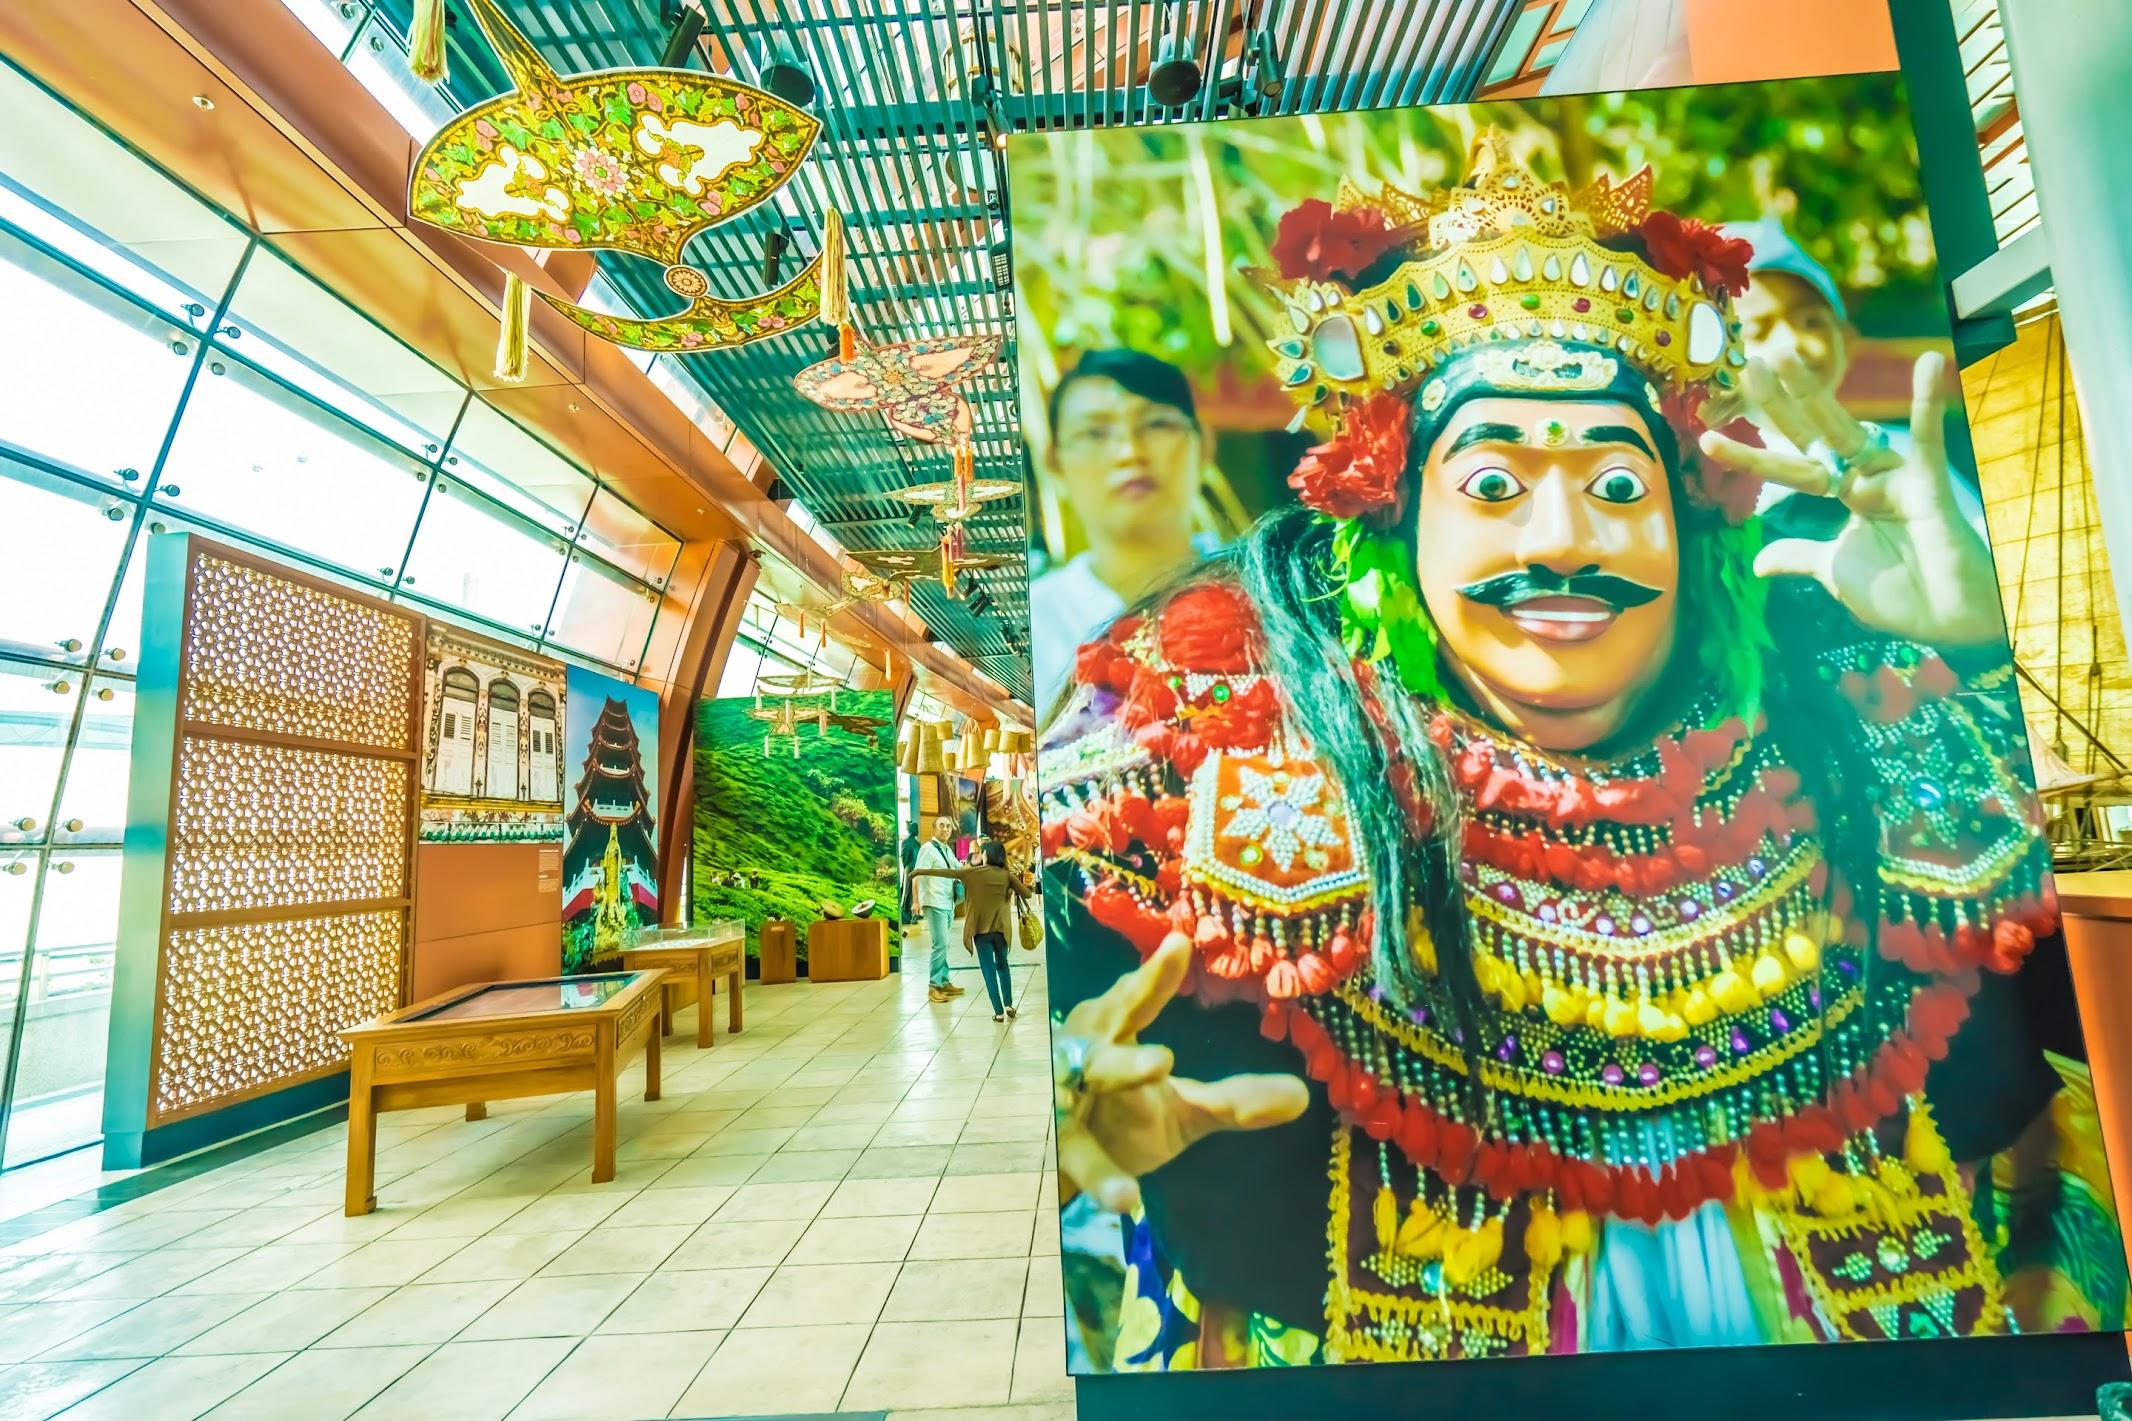 シンガポール セントーサ島 マリタイム・エクスペリエンシャル・ミュージアム1